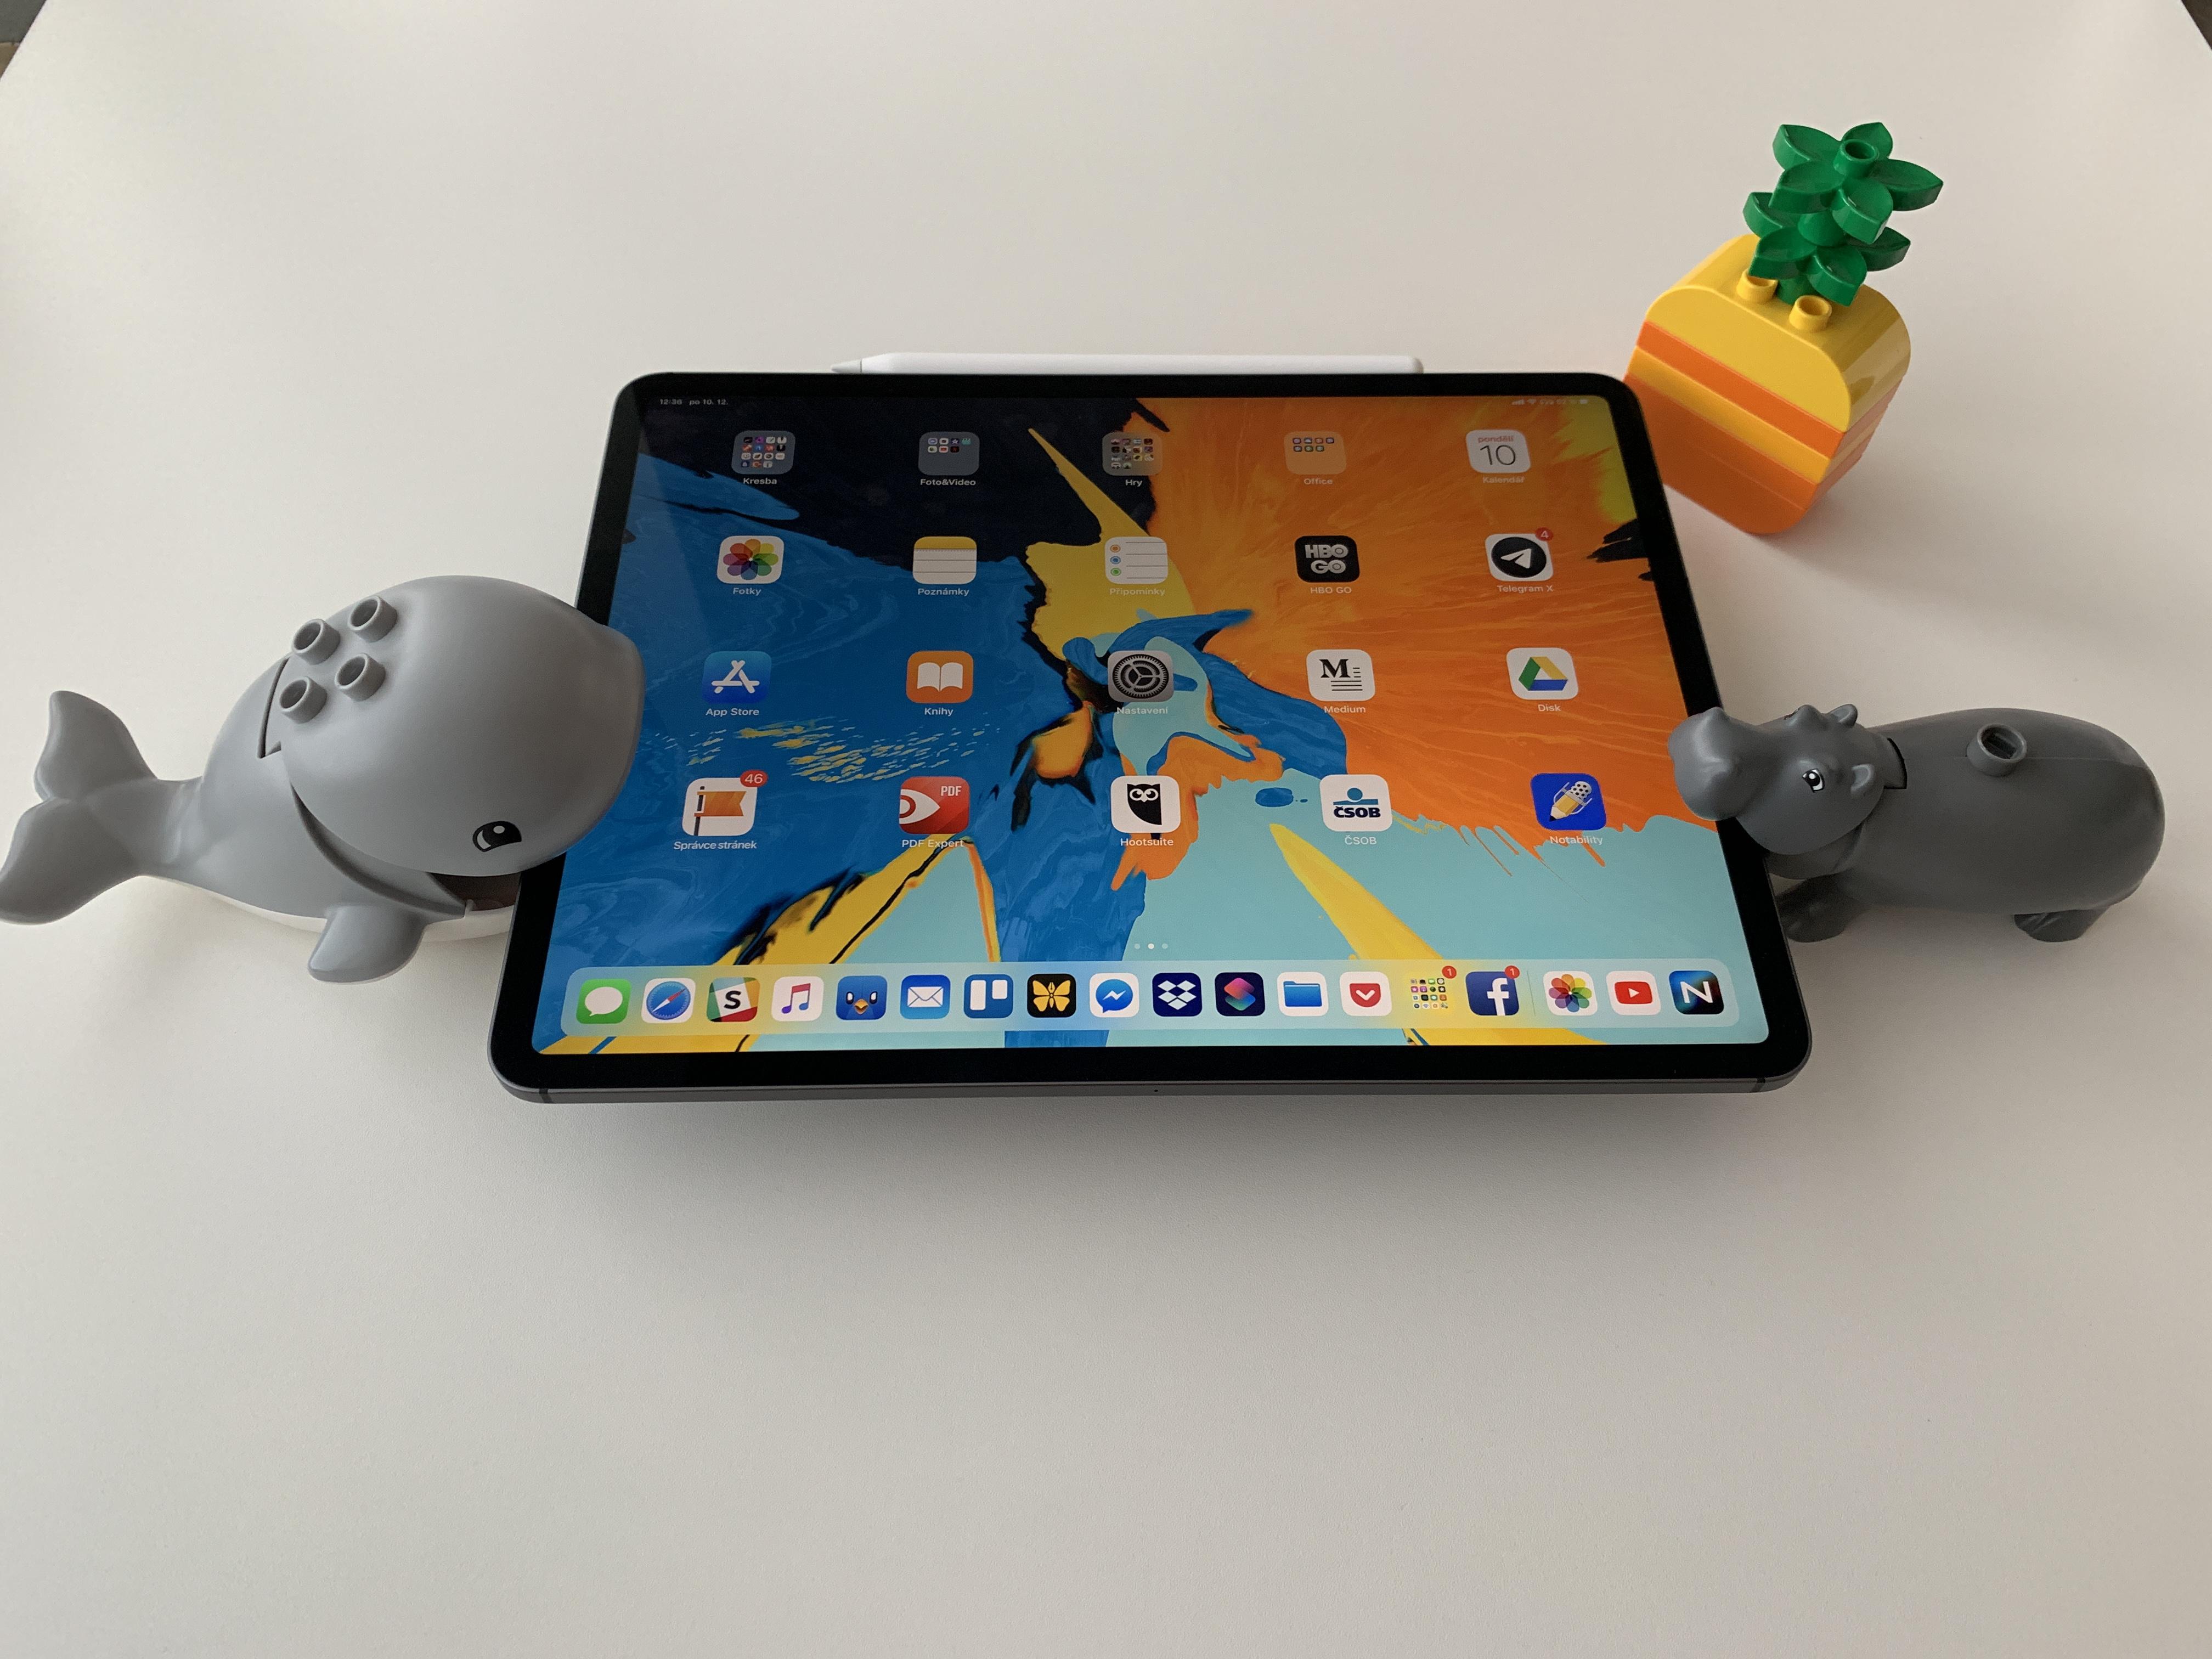 fc4a8de8c Nejlepší zařízení Apple pro letošní rok? Jednoznačně nový iPad Pro! Ten mě  nakonec nadchl mnohem více než iPhone XS Max nebo Apple Watch 4.